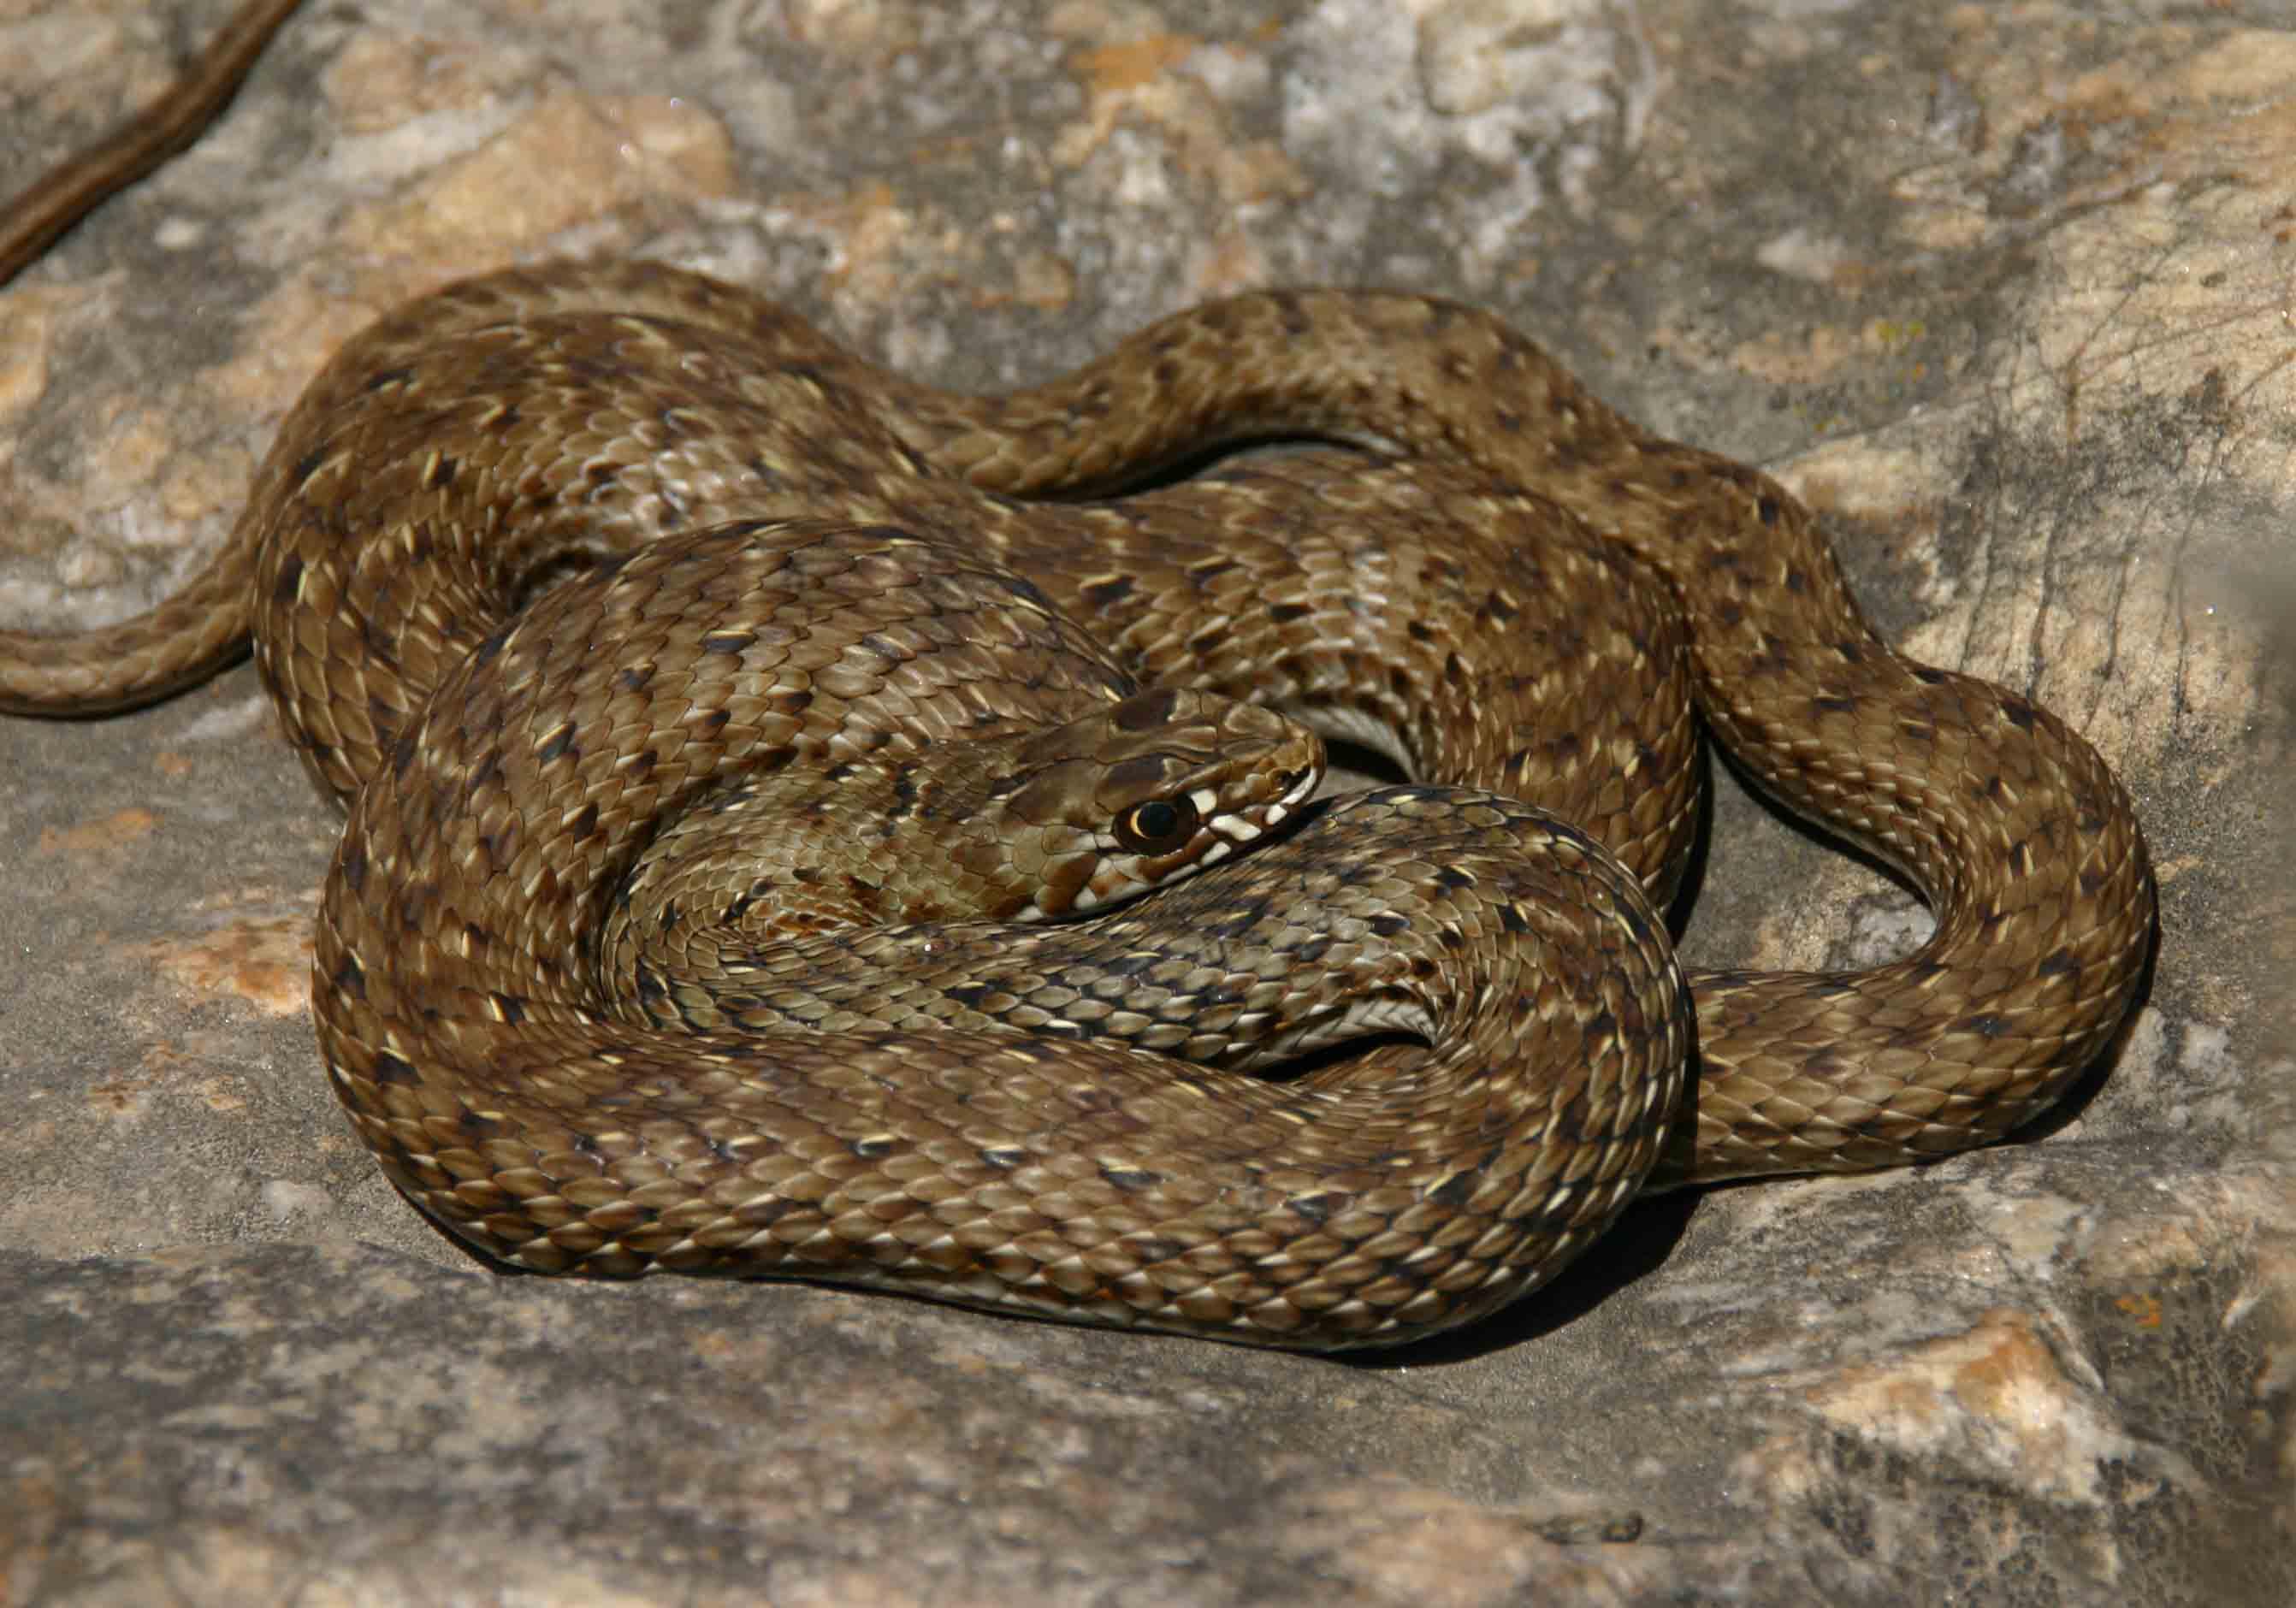 Female Montpellier snake (Malpolon monspessulanus)